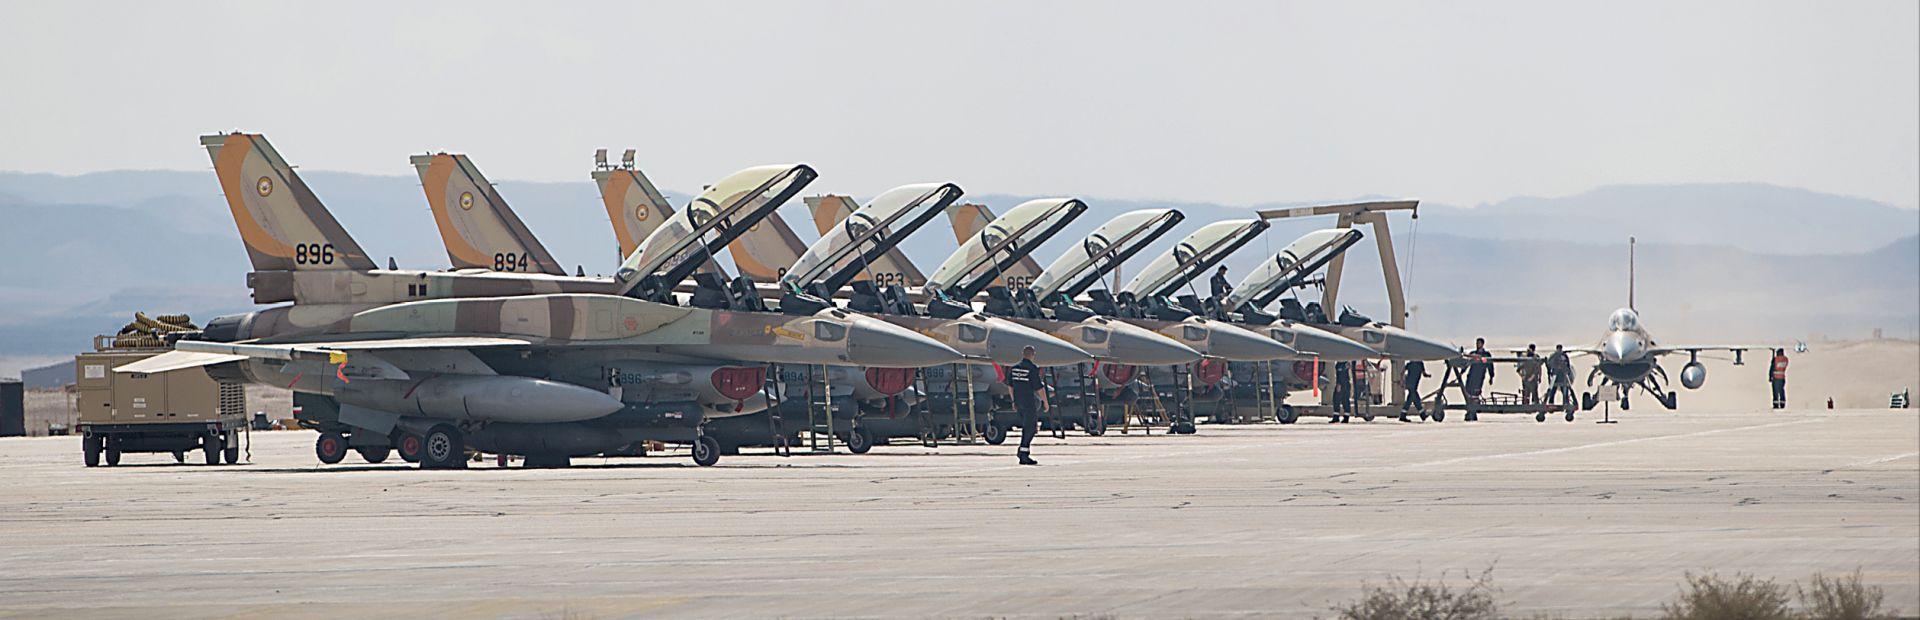 RH kupuje izraelske avione, a druge države NATO-a avione F-16 planiraju prizemljiti